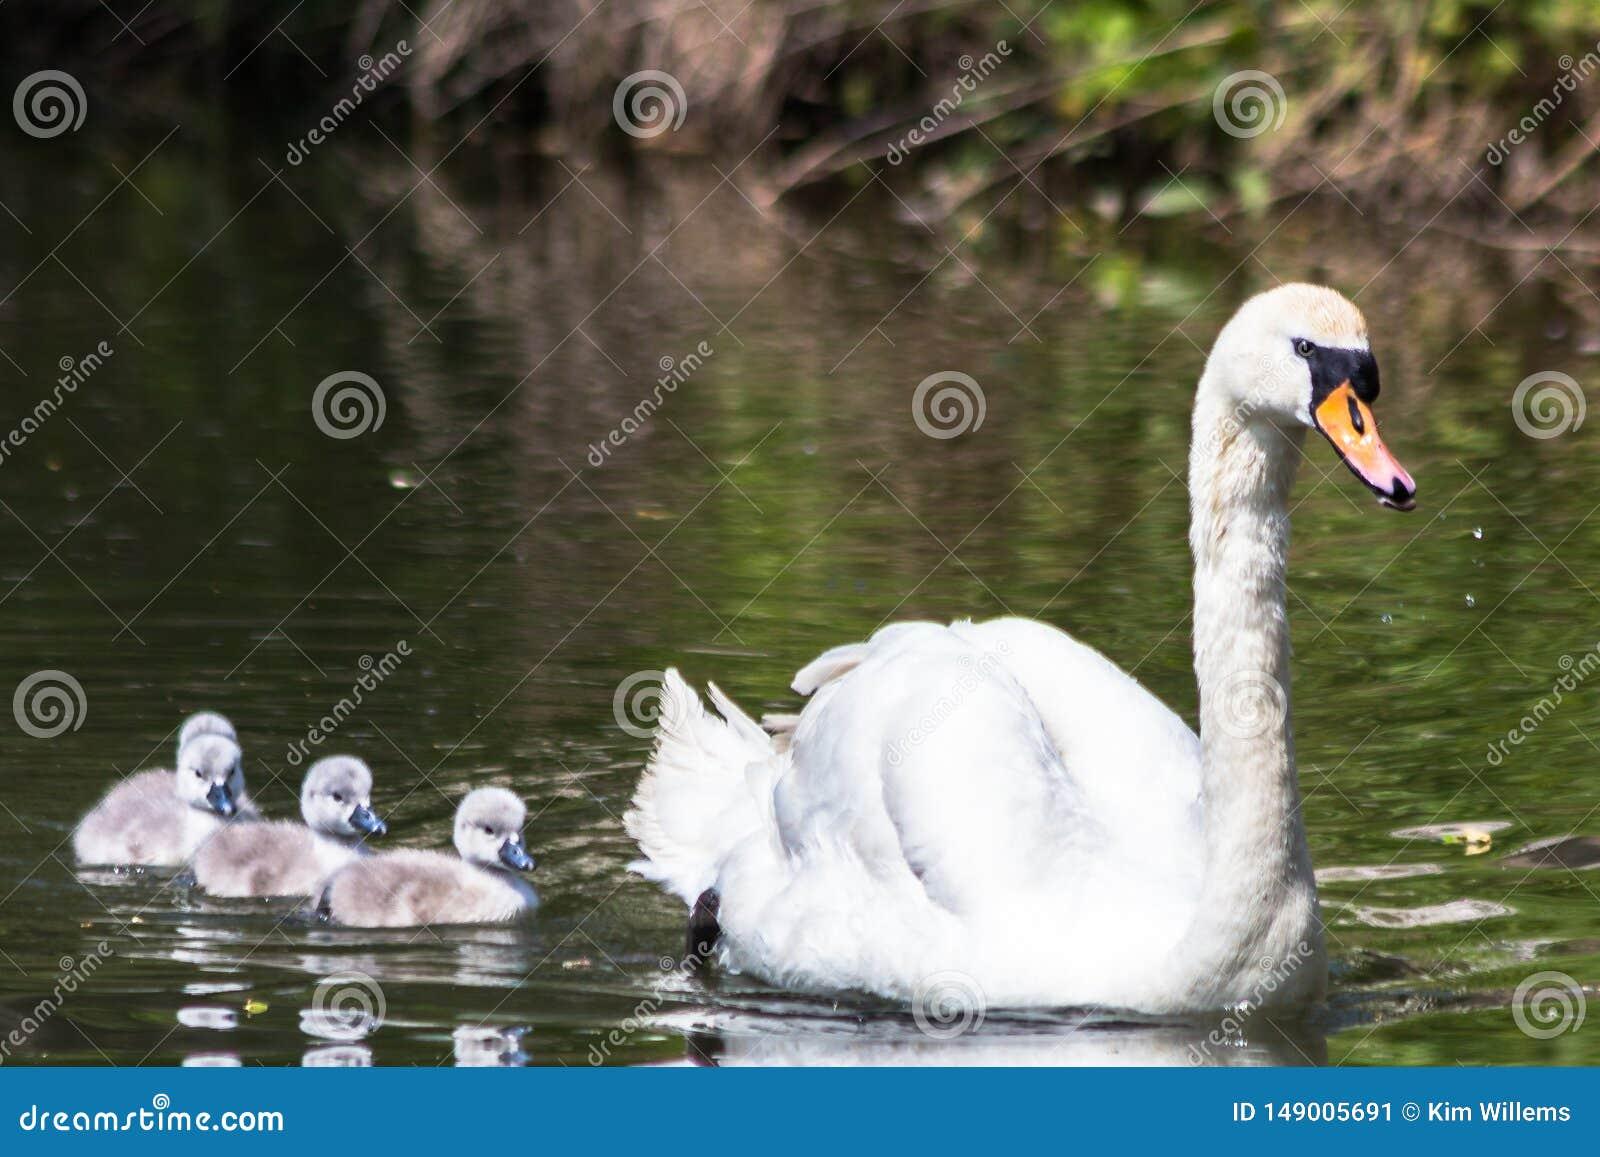 De stodde zwaan die voor eerste gaan zwemt met zijn jonge zwanen